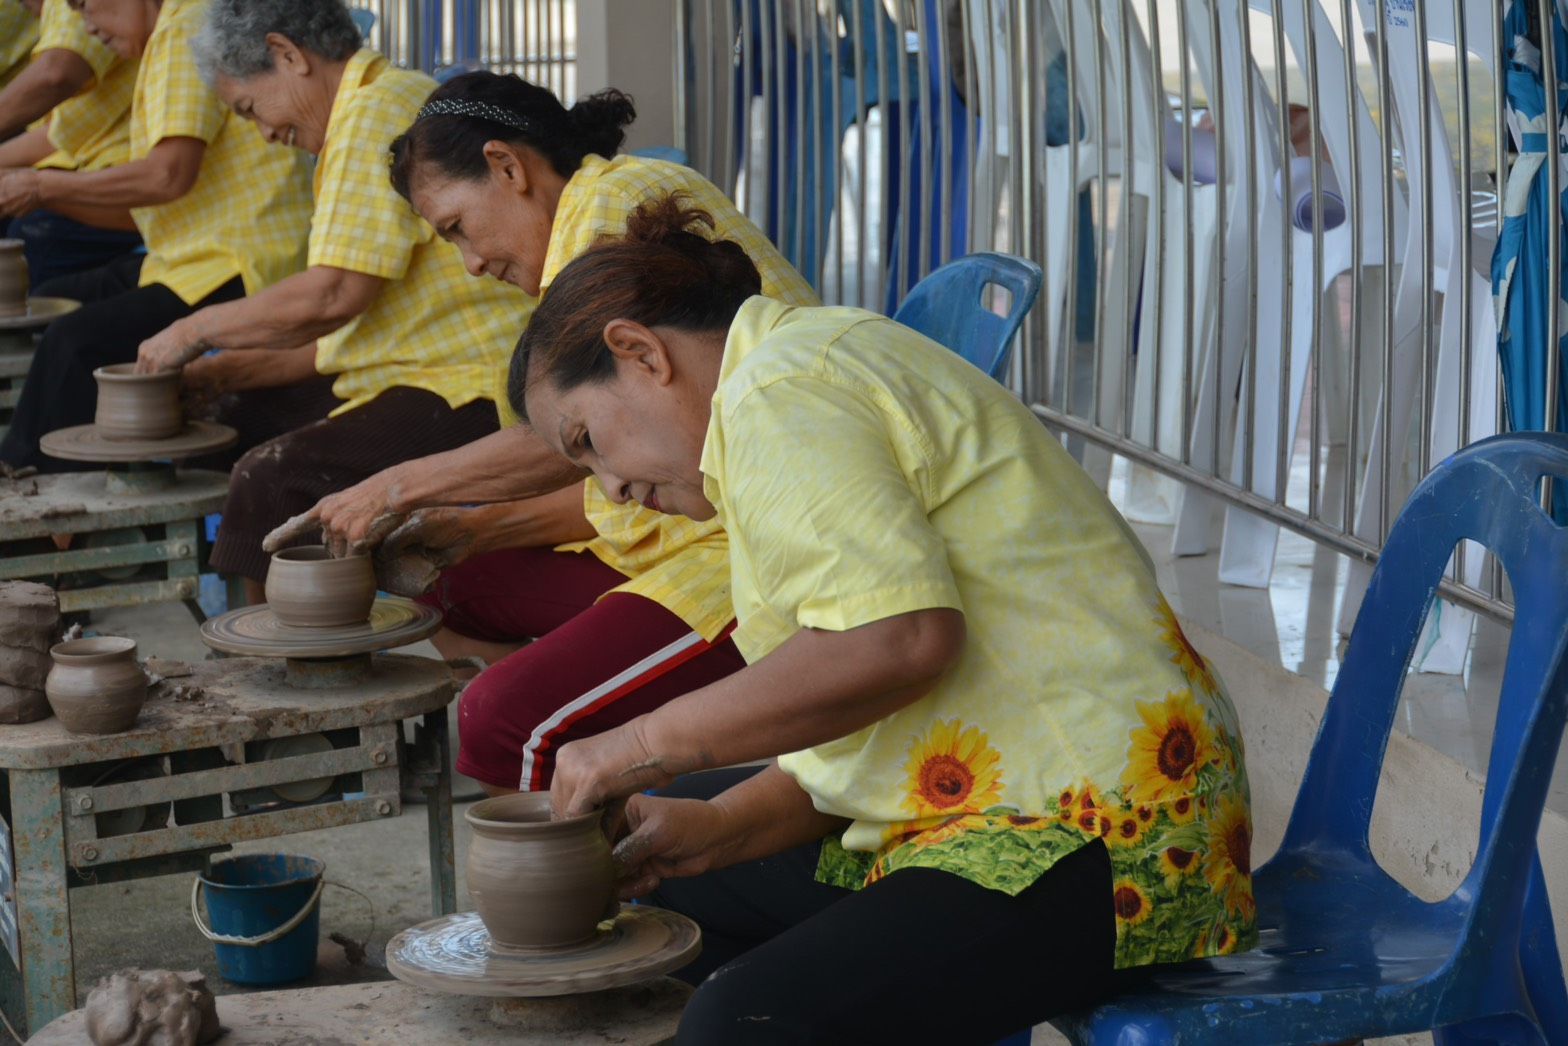 อธิบดีกรมการจัดหางาน บันทึกเทปรายการเดินหน้าประเทศไทย ส่งเสริมอาชีพแรงงานนอกระบบ